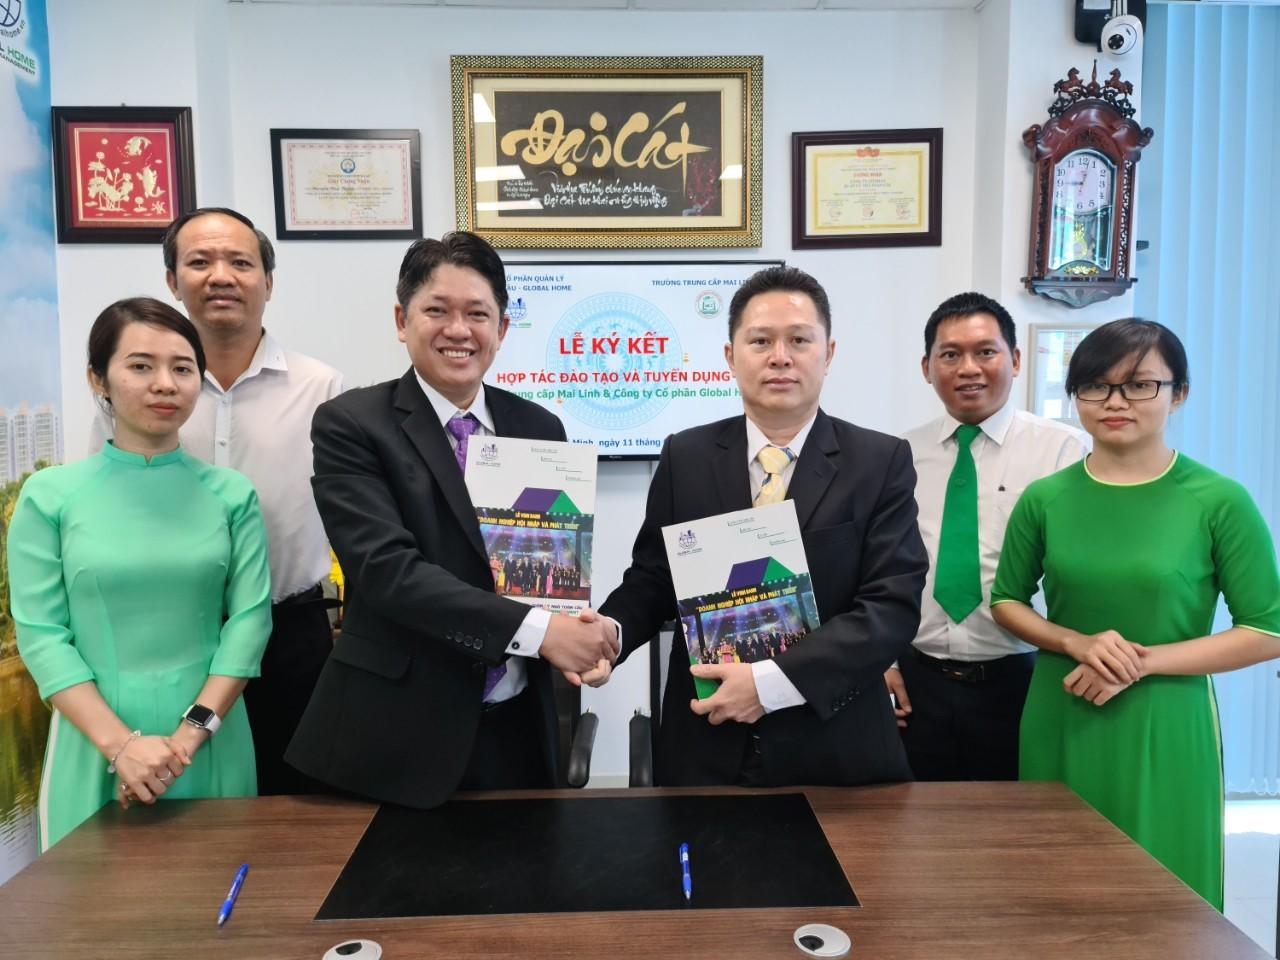 Hợp tác chiến lược giữa Trường Trung cấp Mai Linh với Công ty Quản lý Global Home 1